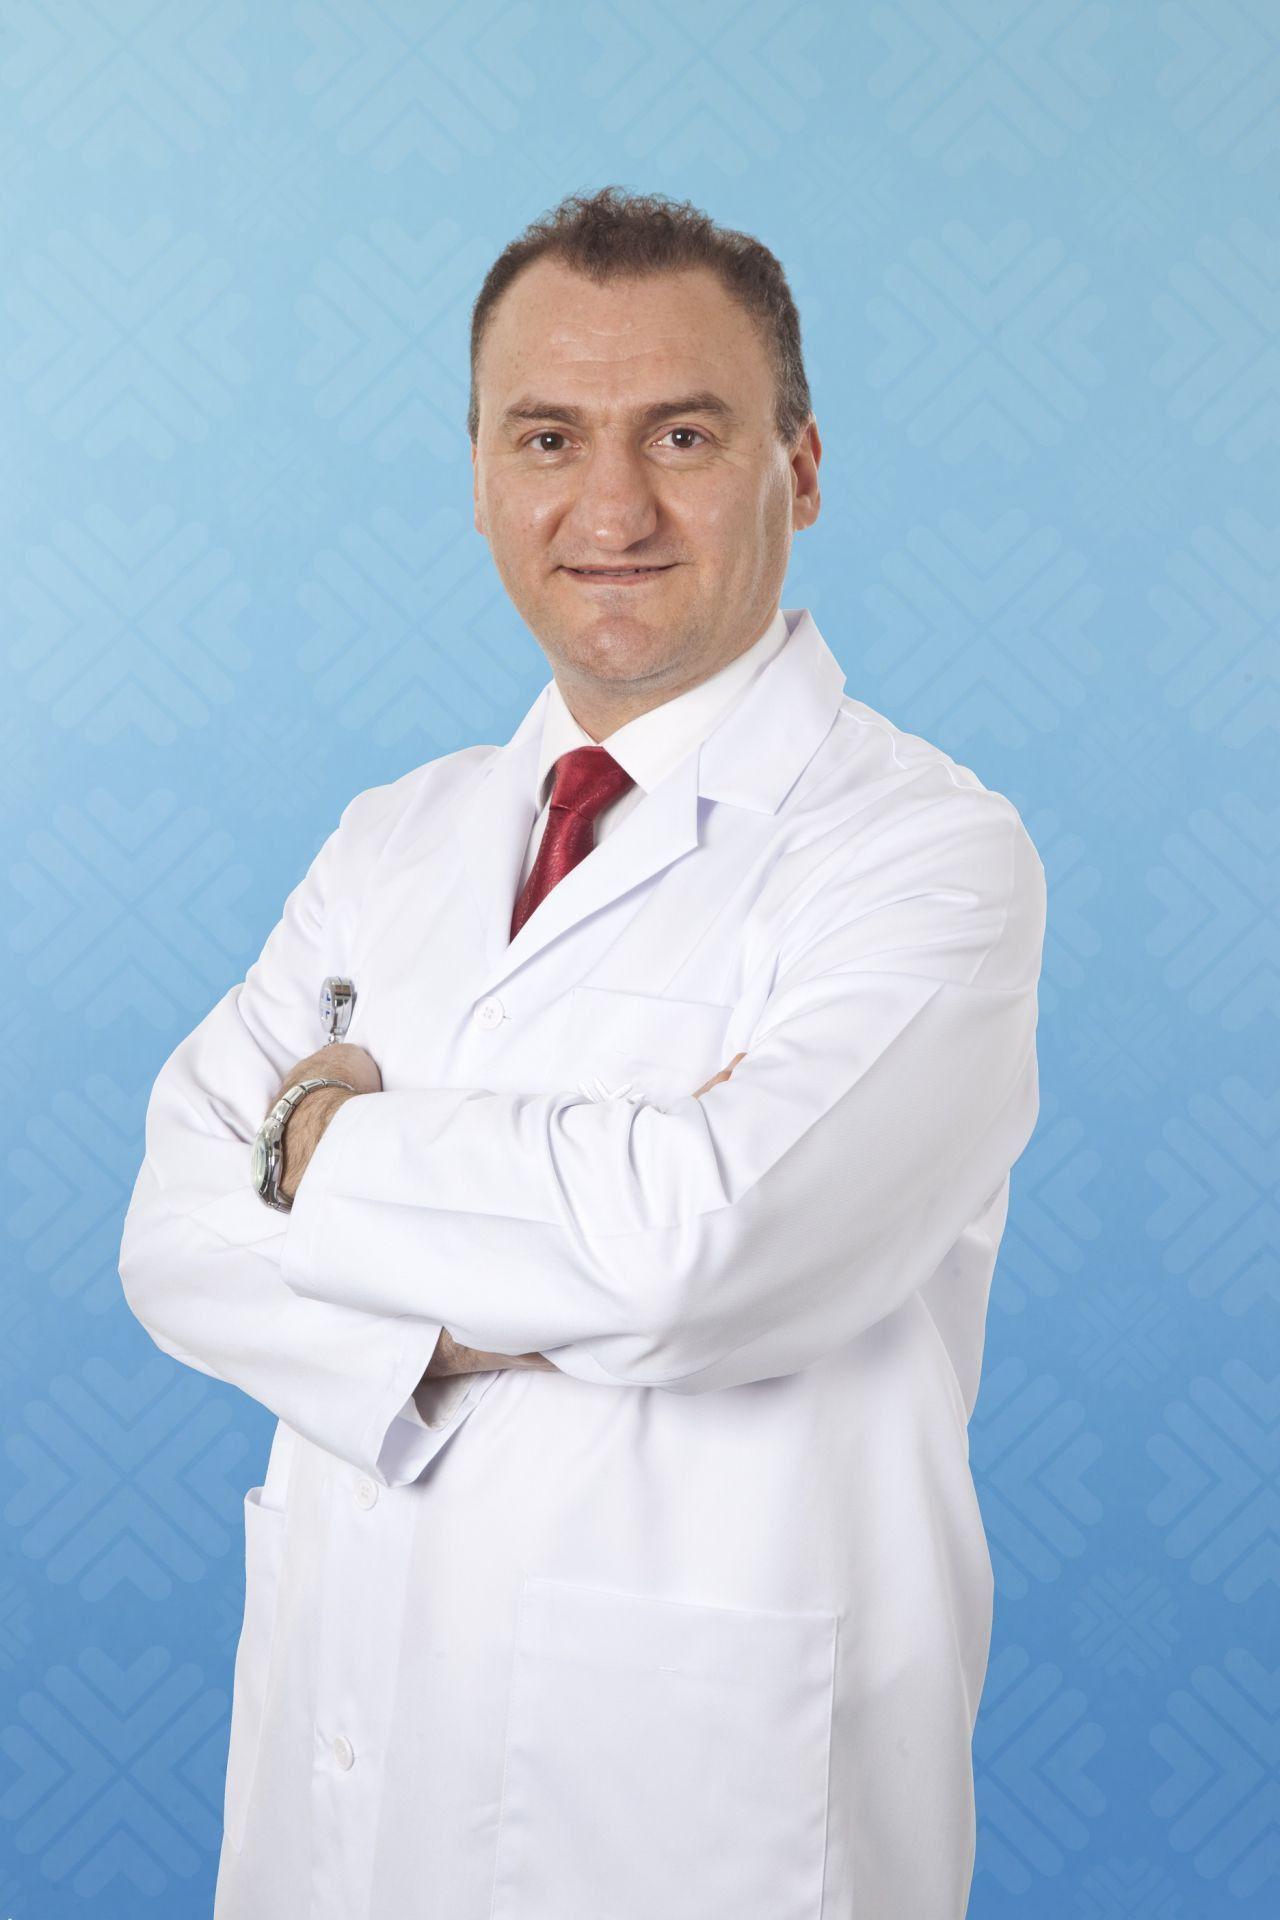 Türk bilim adamları başardı! Korona virüsü sadece saniyeler içerisinde tespit ediyor - Resim: 3